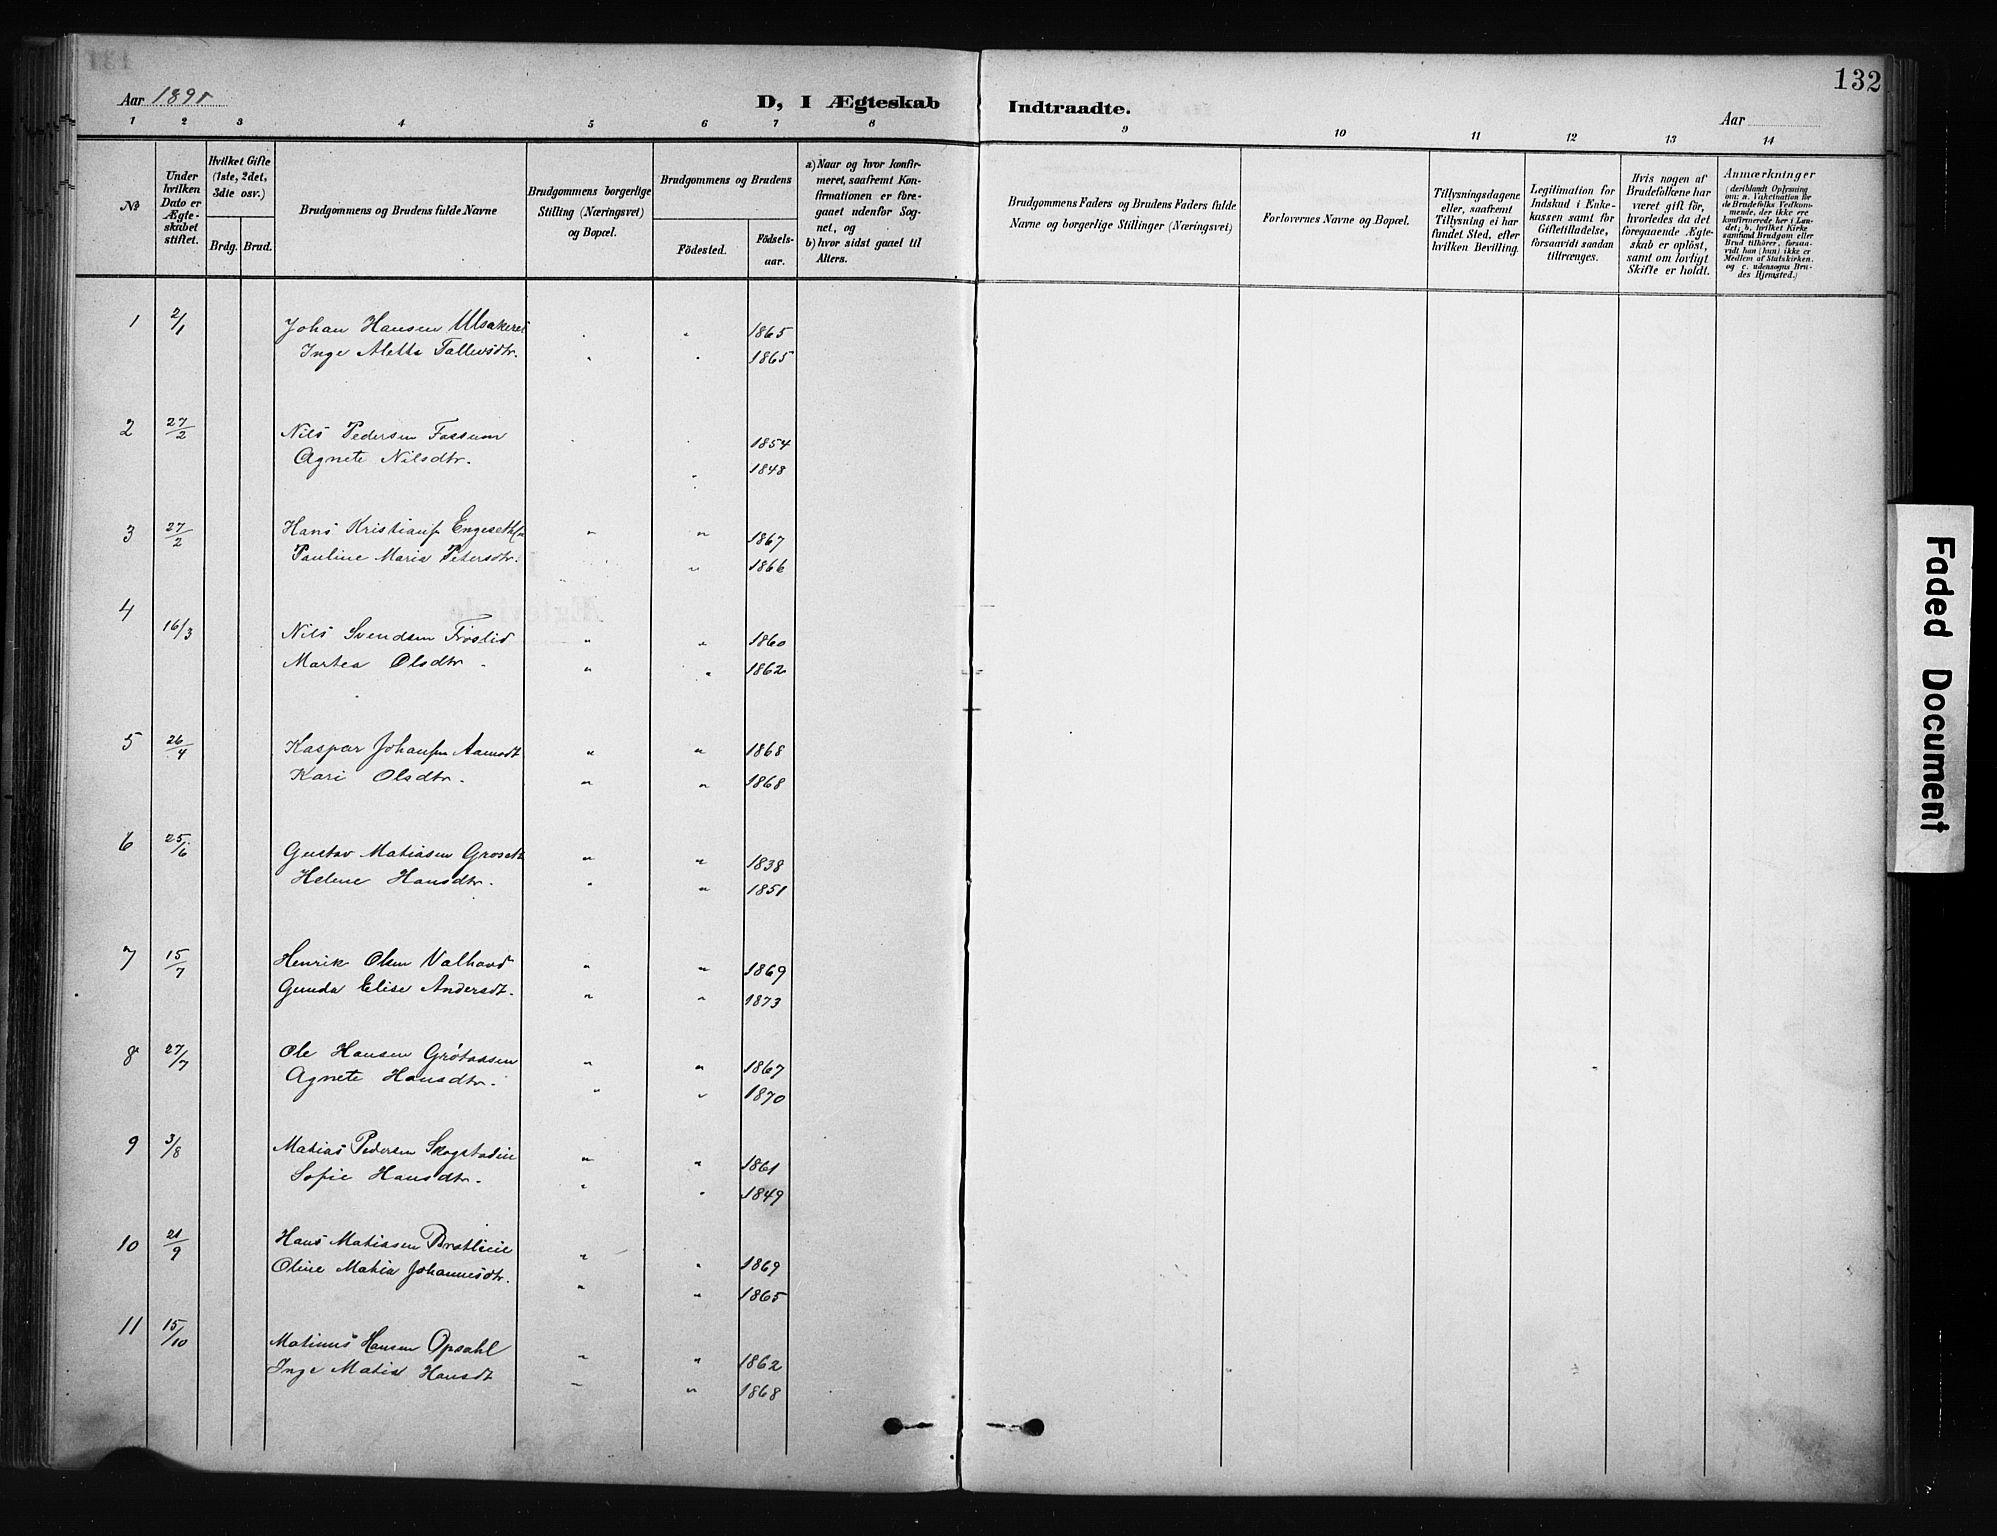 SAH, Nordre Land prestekontor, Klokkerbok nr. 12, 1891-1909, s. 132